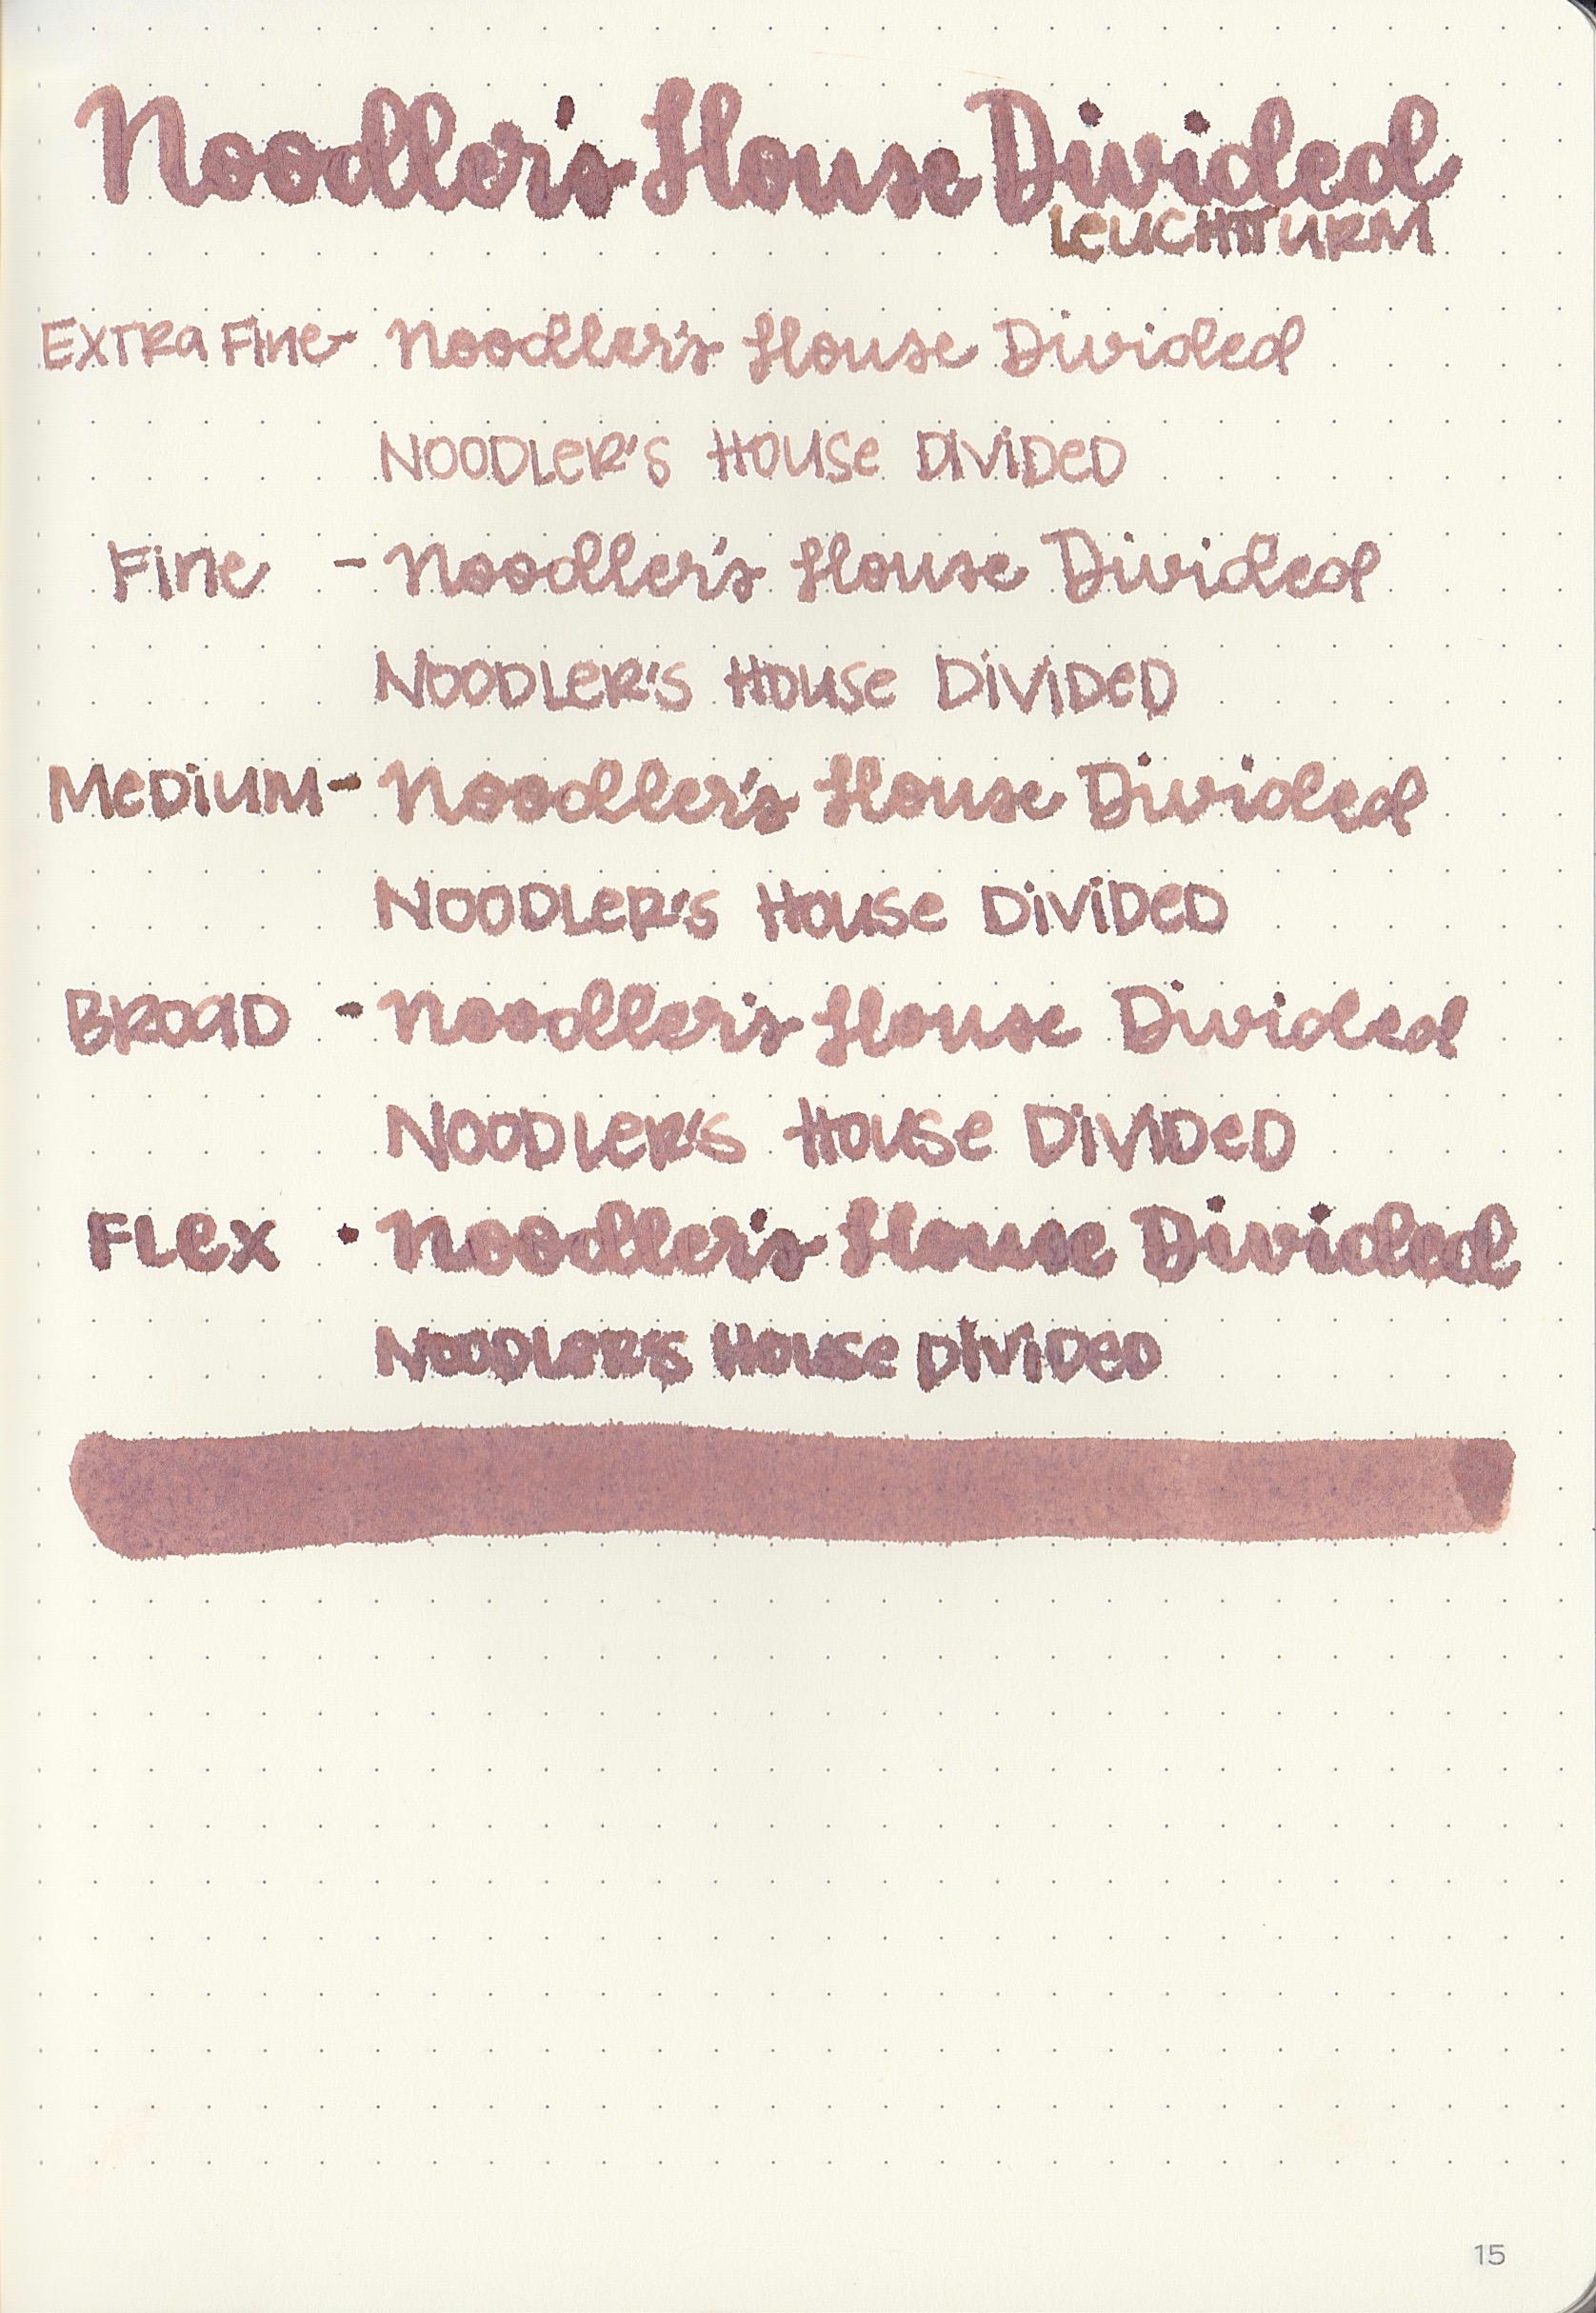 NoodlersHouseDivided - 12.jpg